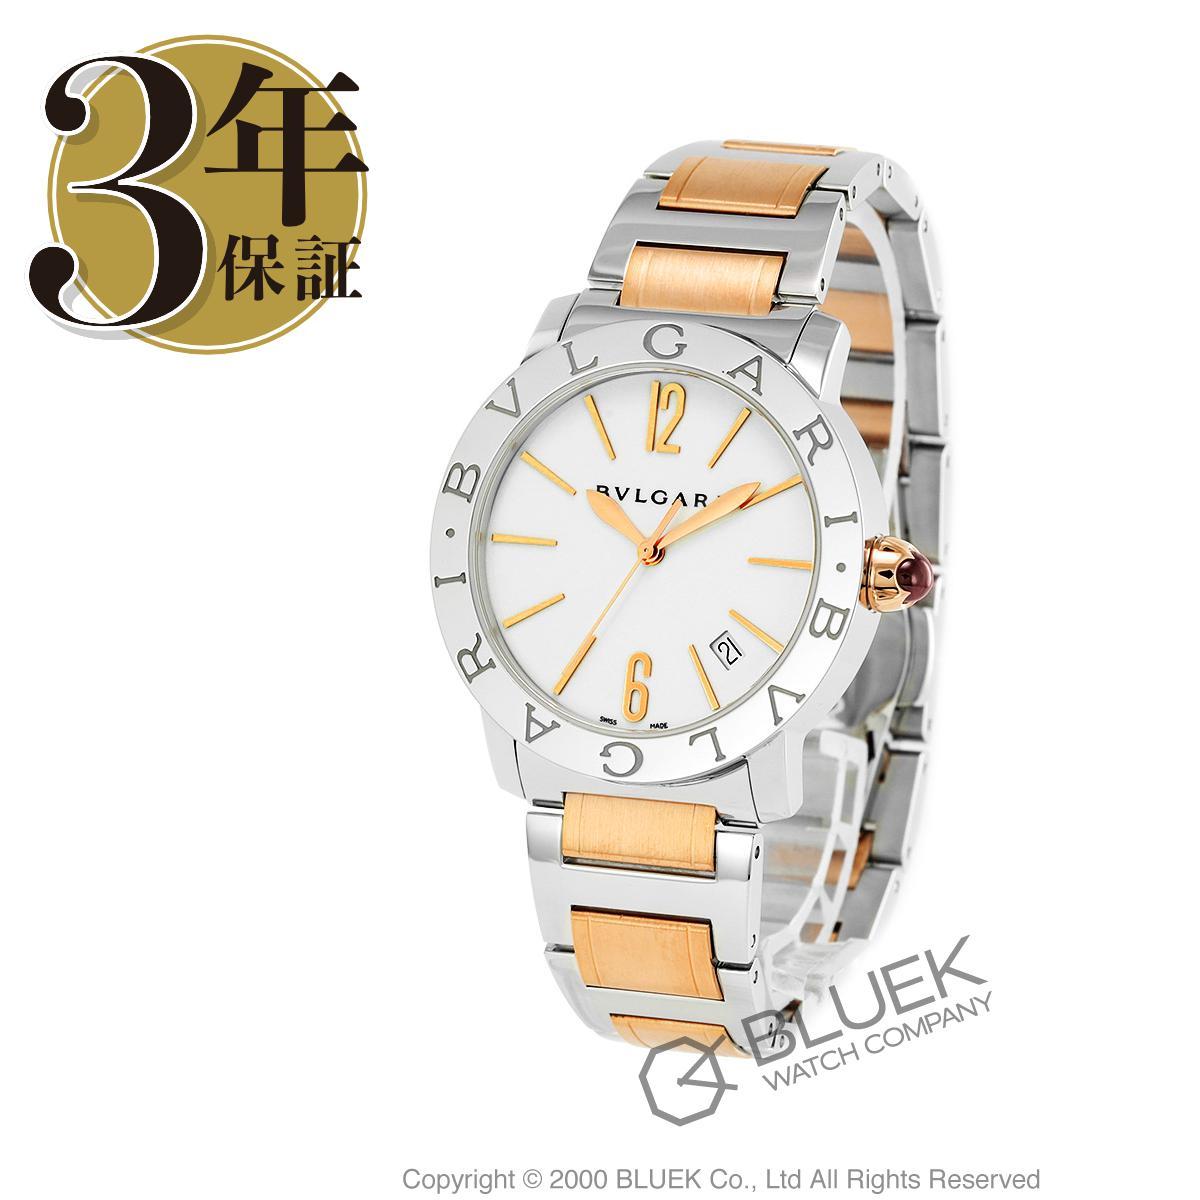 ブルガリ ブルガリブルガリ 腕時計 レディース BVLGARI BBL37WSSPGD_3